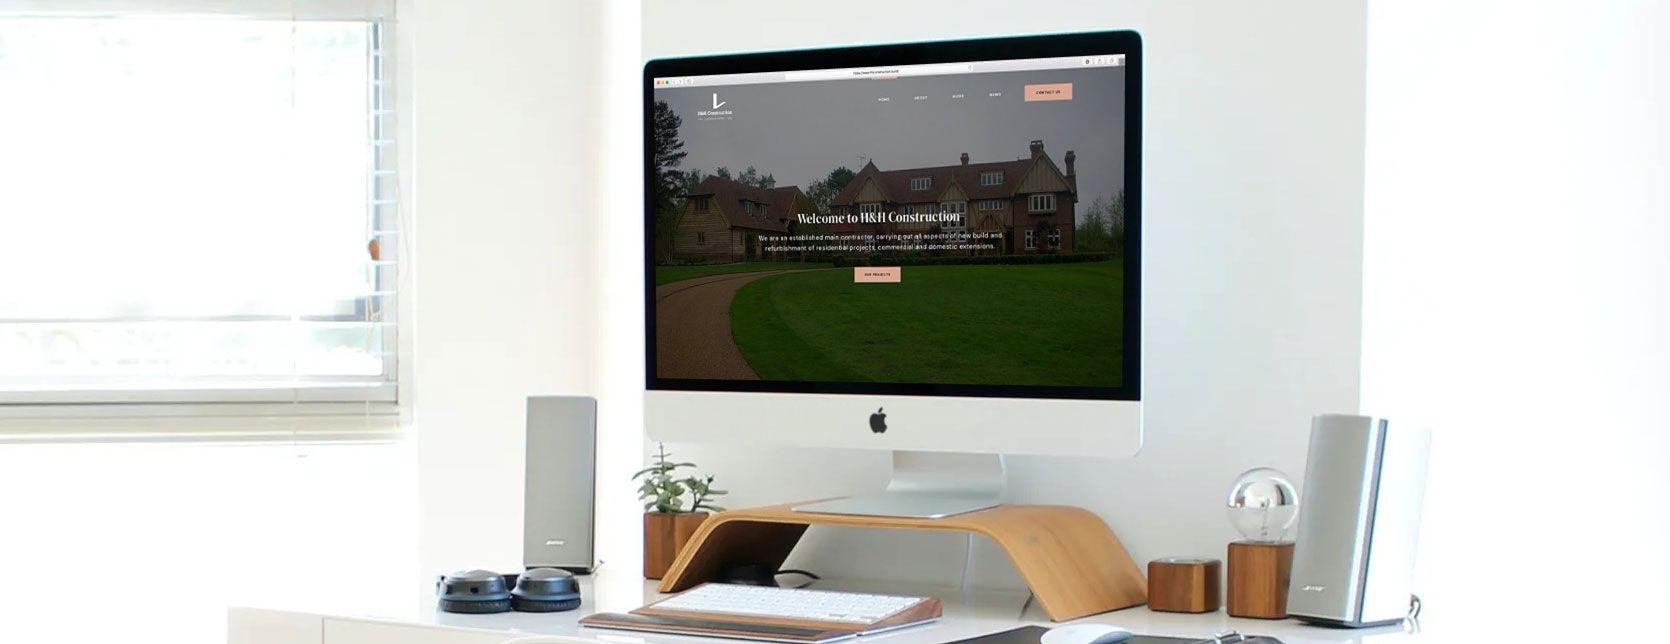 HH Construction - Web Design Case Study